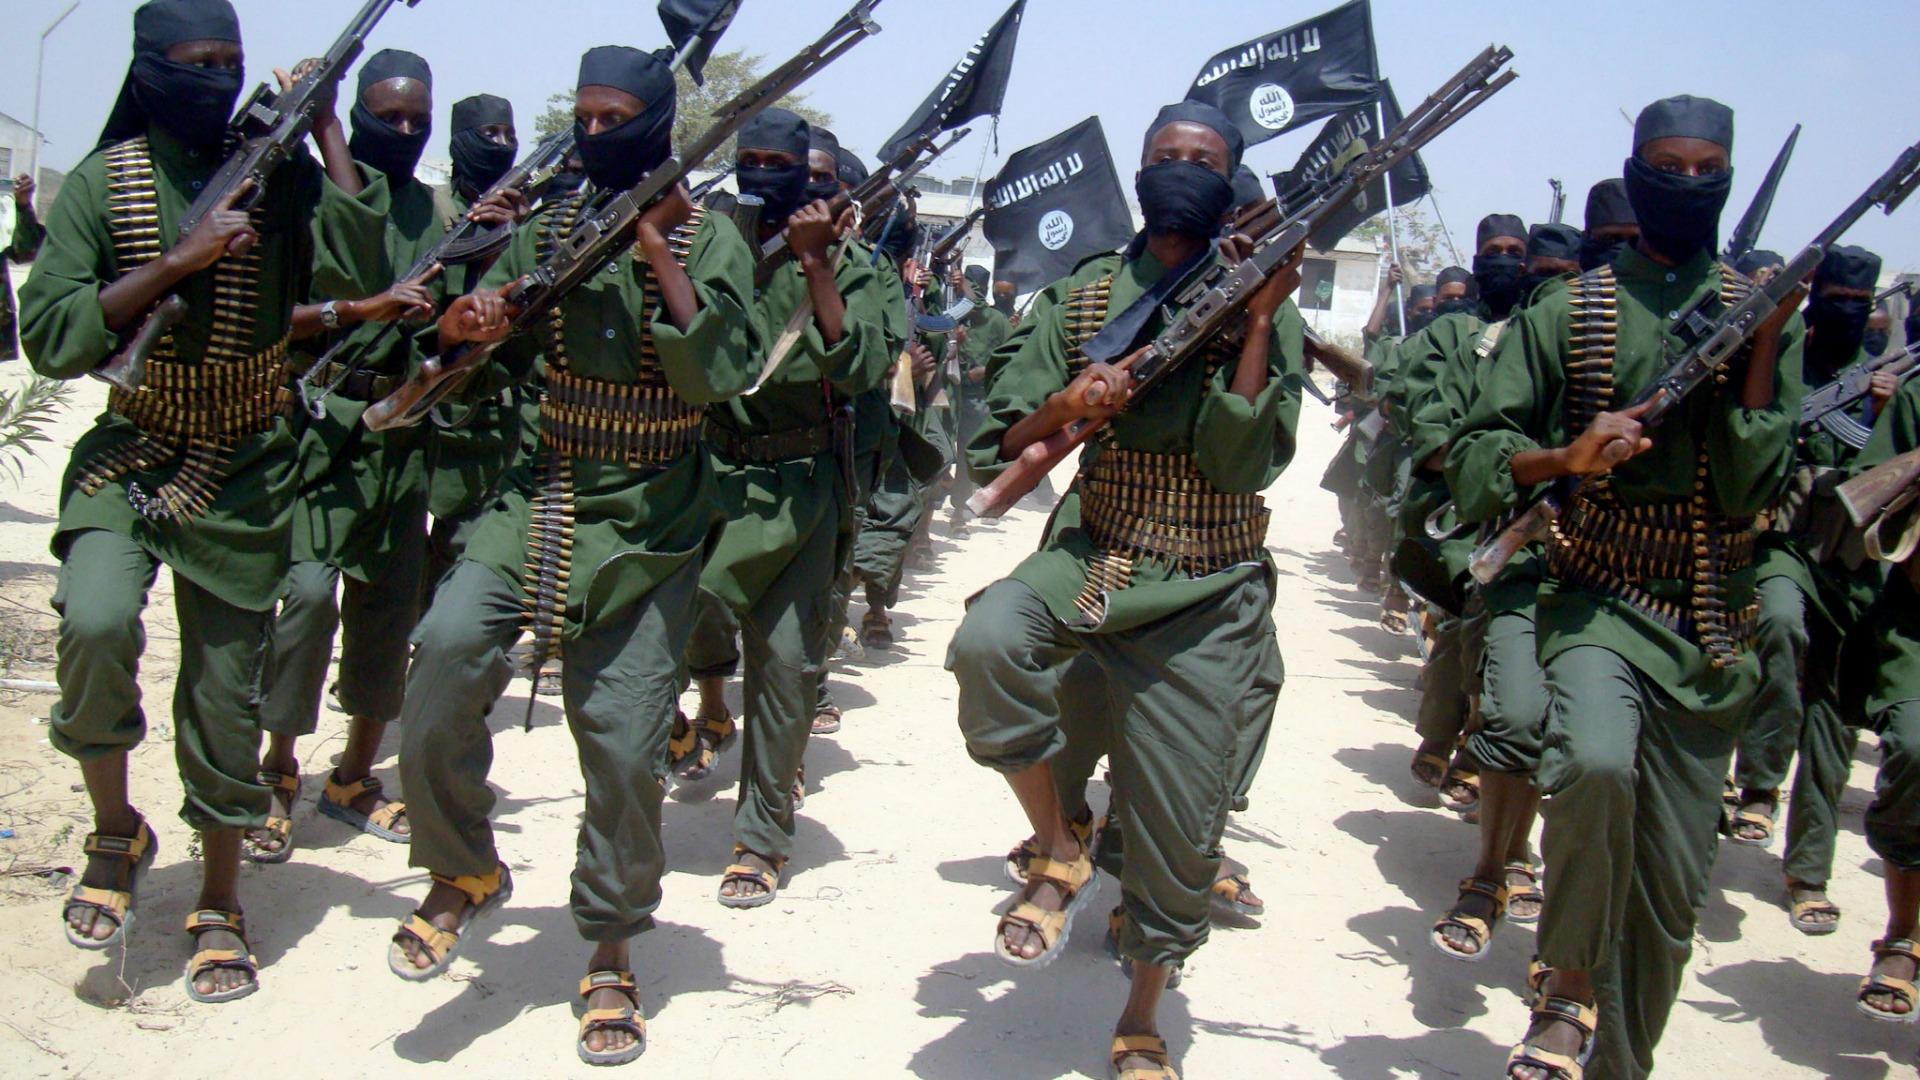 Lutte contre le terrorisme: 34 présumés djihadistes arrêtésà Dakar